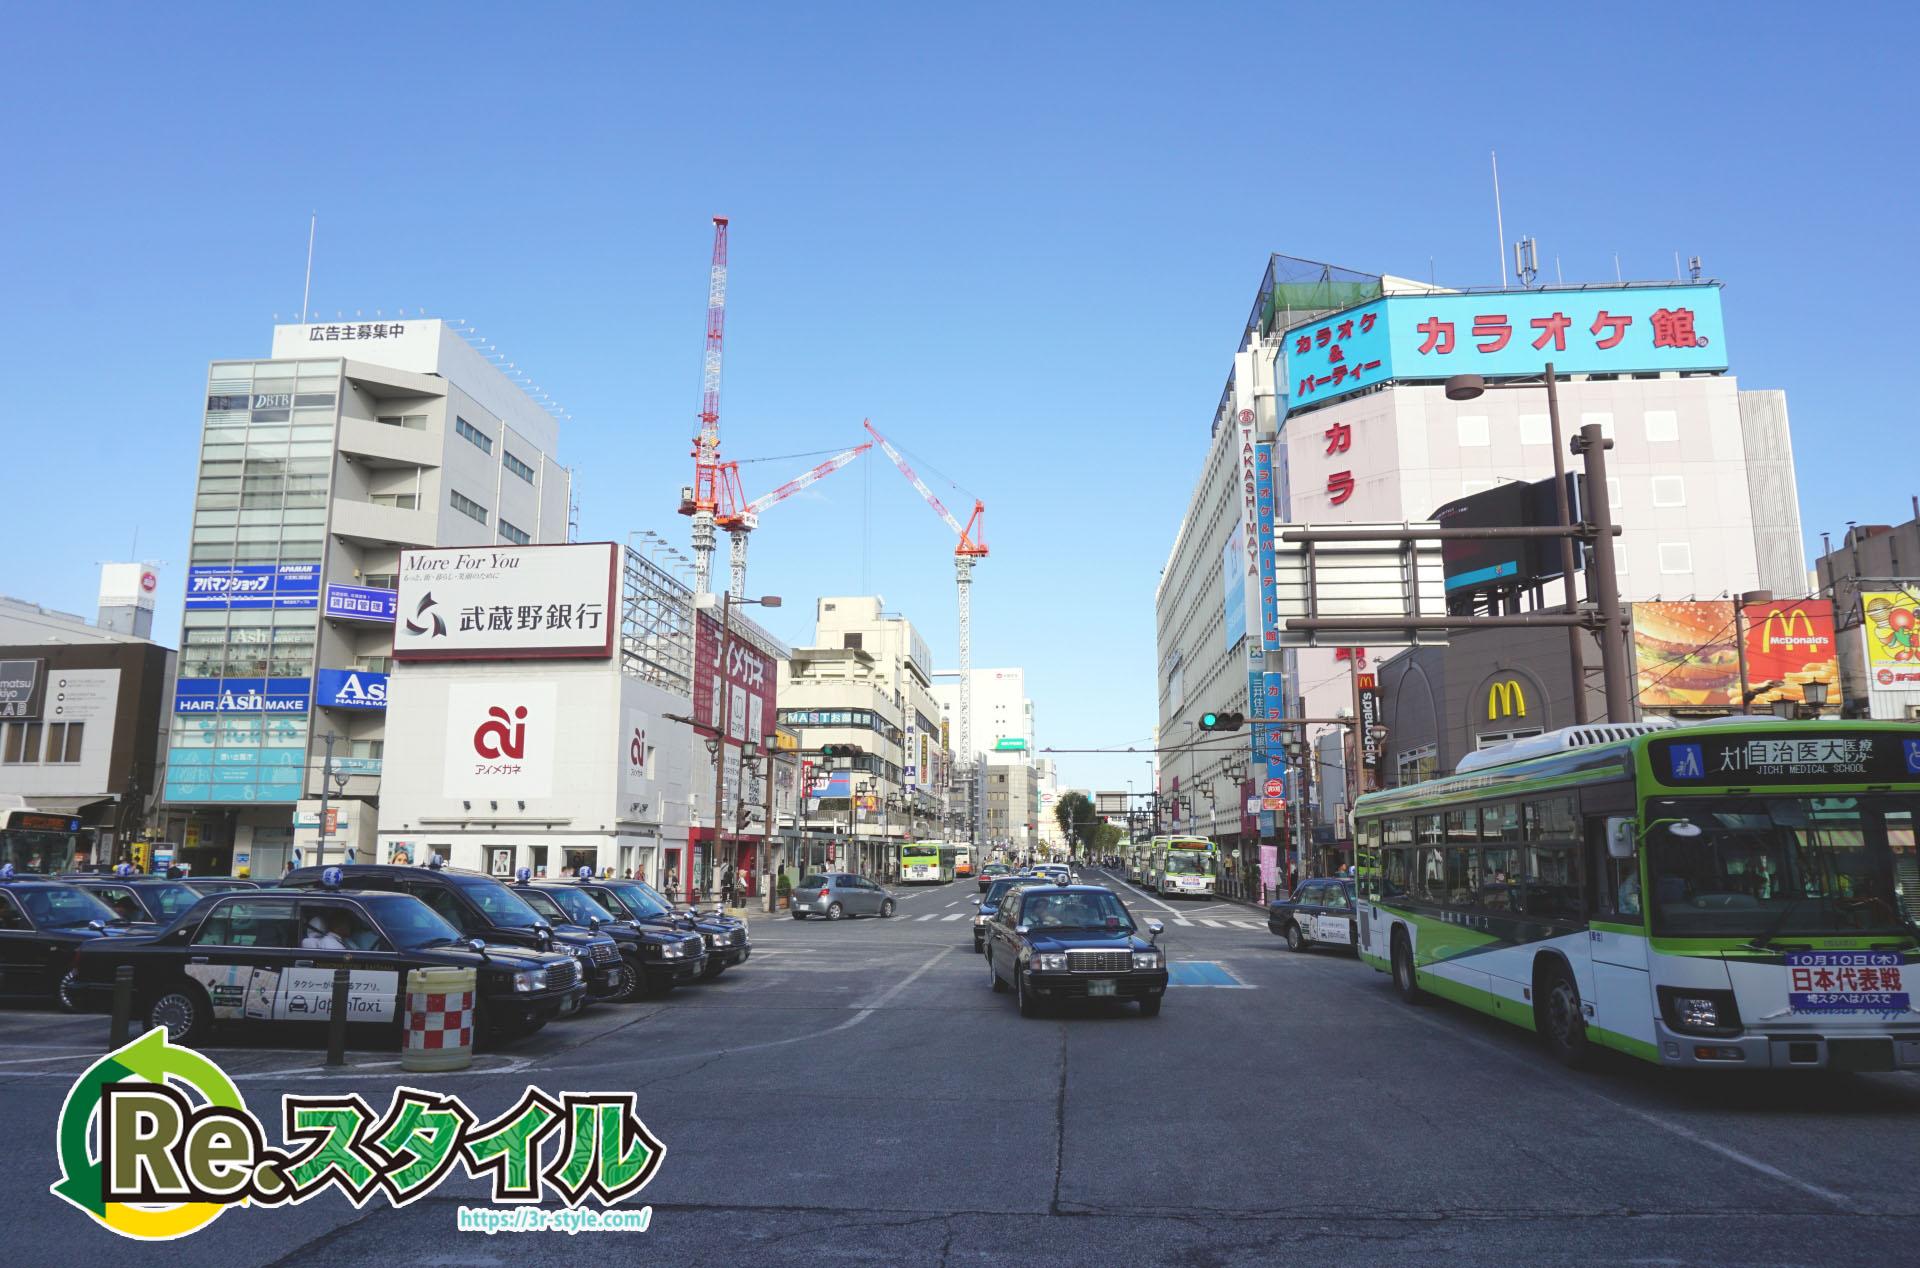 埼玉県さいたま市大宮区でパソコンを処分するならどうしたらいい?おすすめの回収業者と処分の流れ